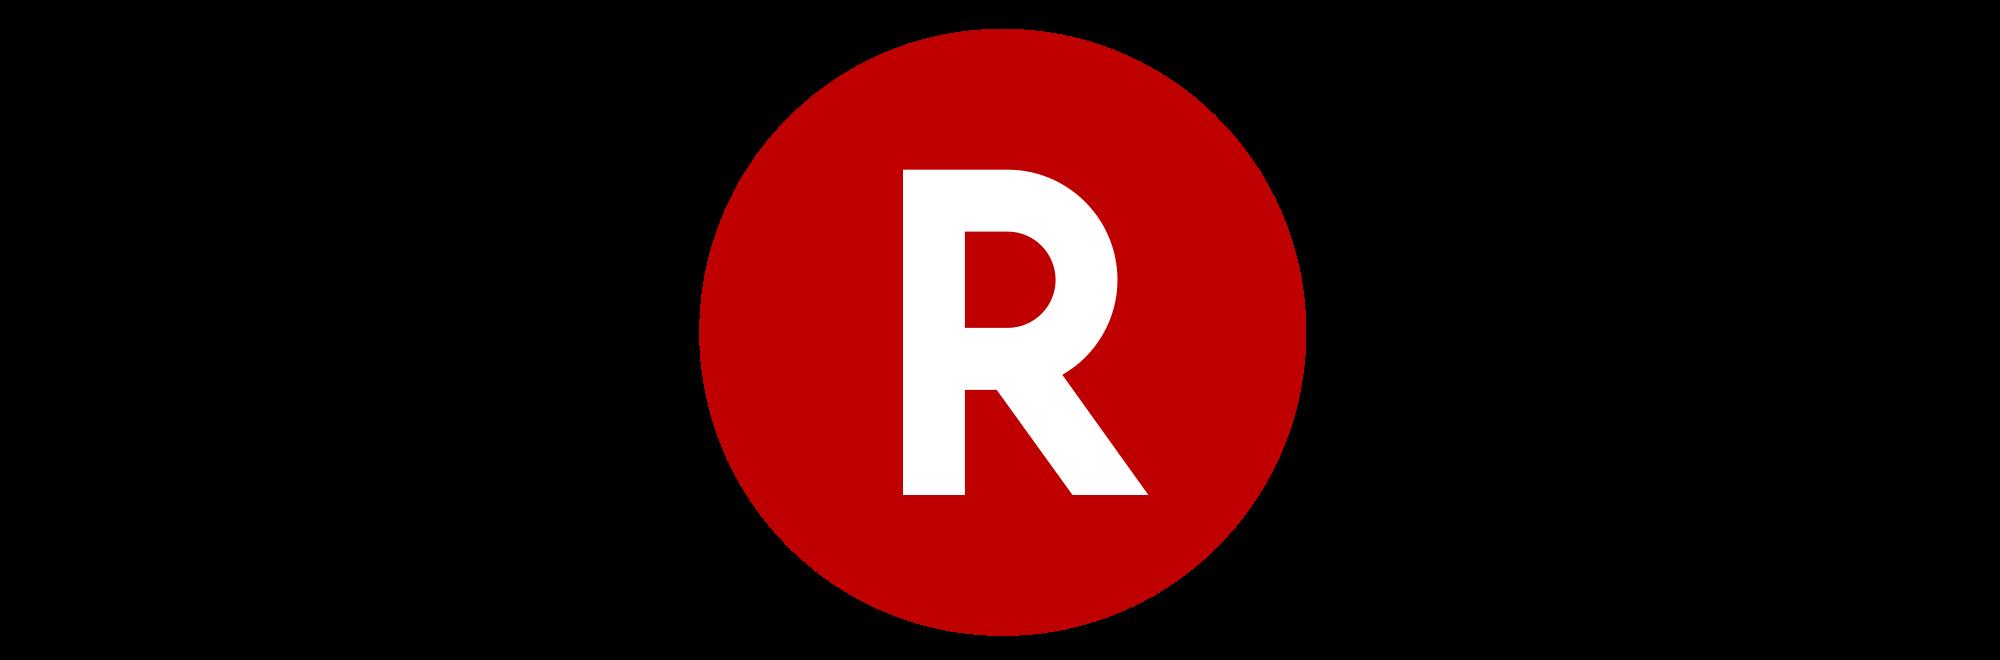 Open PlusPng.com  - Rakuten Logo Vector PNG